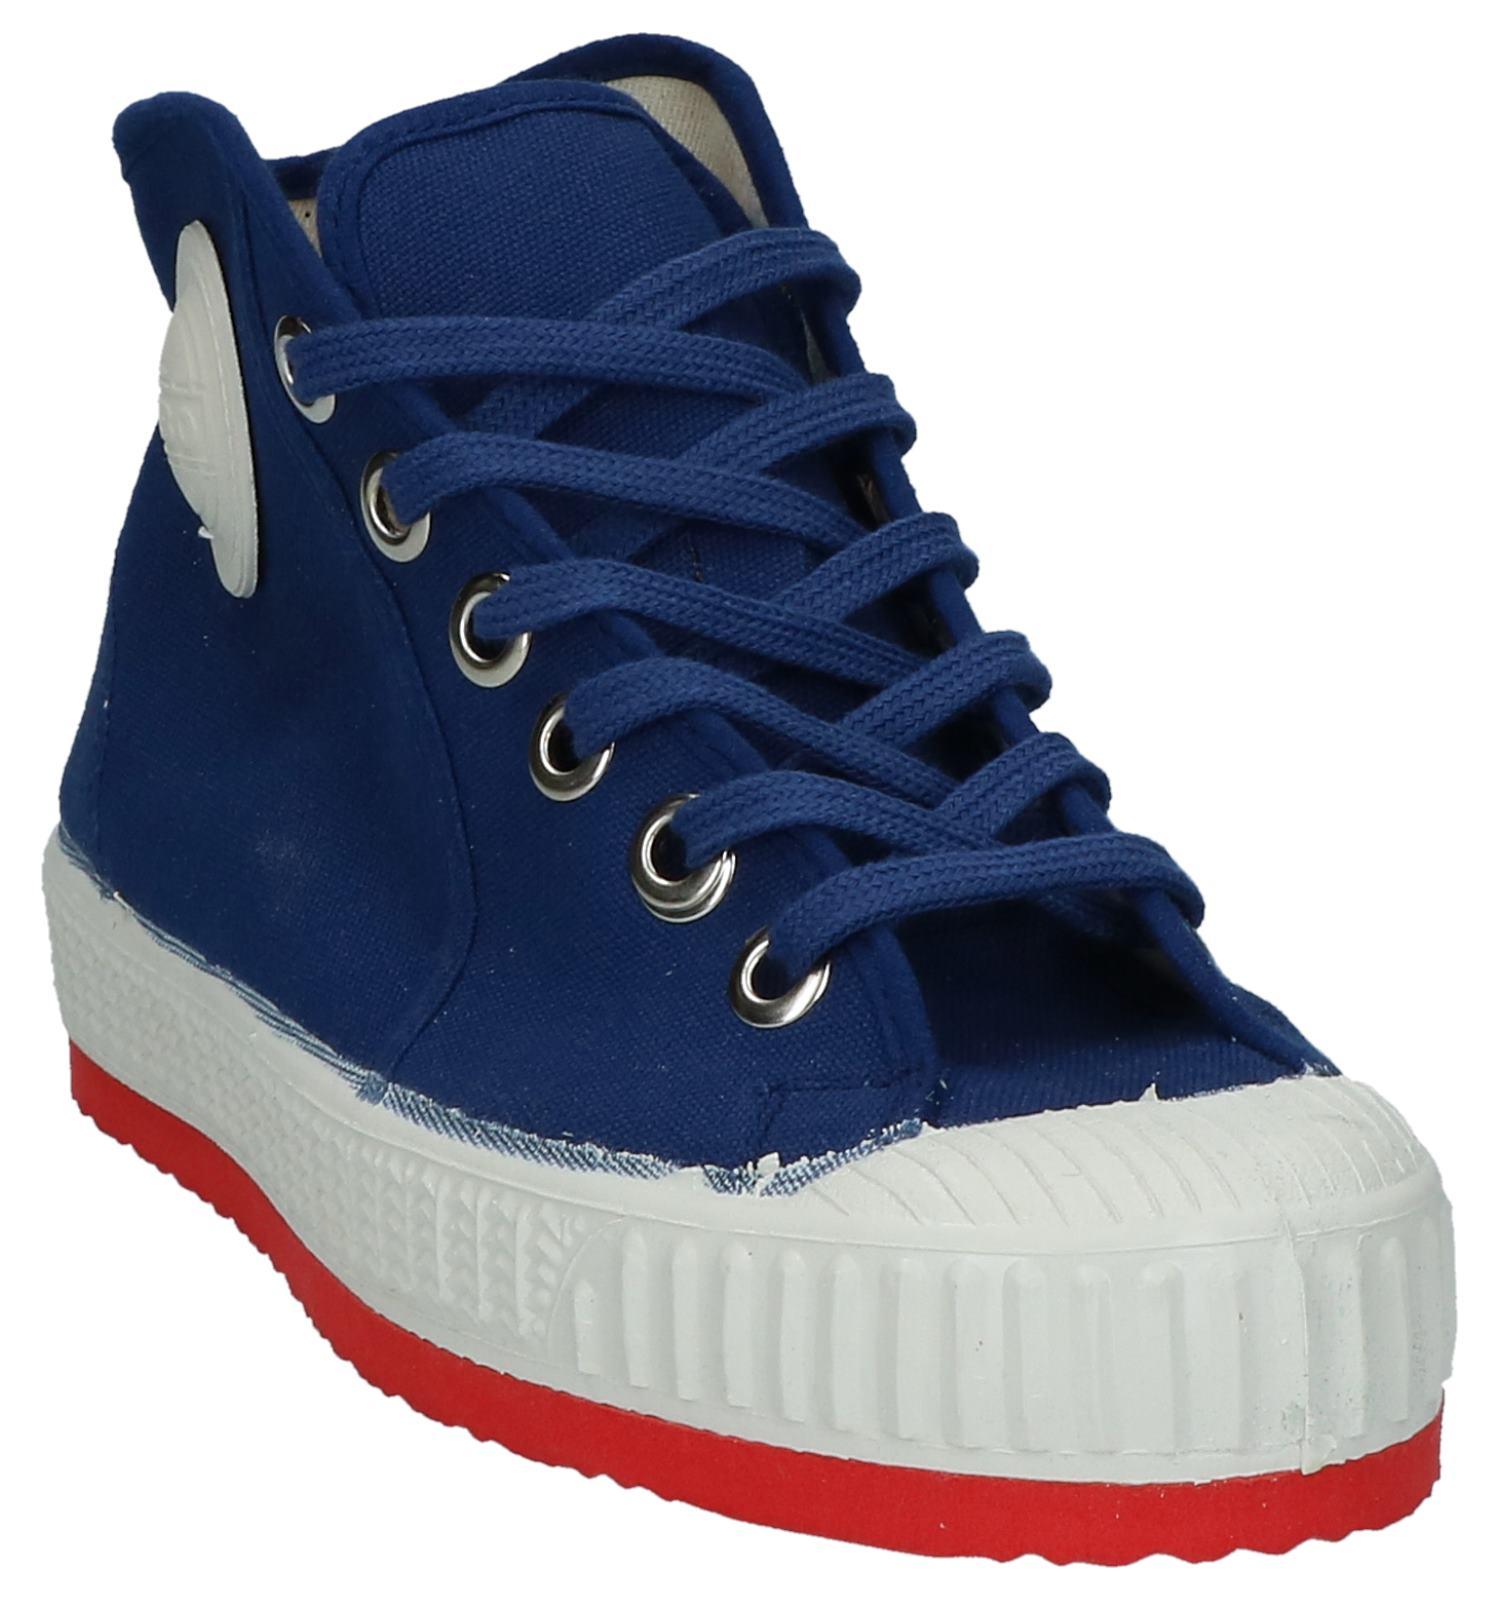 Barvy 0051 Hoge Donkerblauw Barvy Sneakers Sneakers 0051 Hoge kOZuPXTi